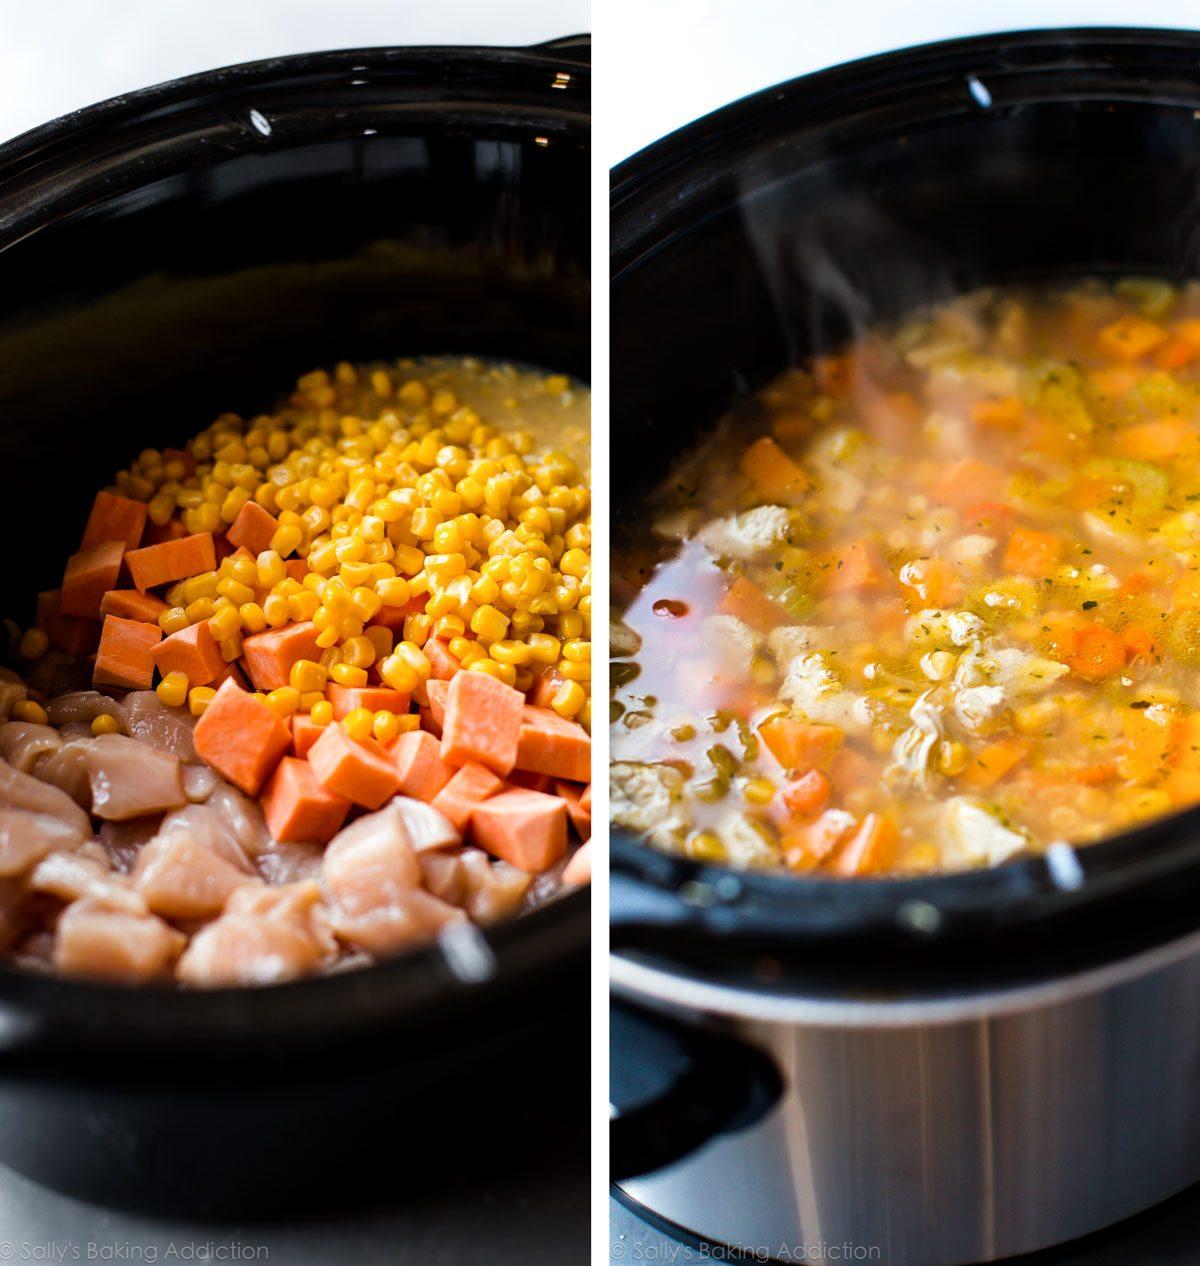 2 images d'ingrédients dans une mijoteuse avant la cuisson et chaudrée dans la mijoteuse